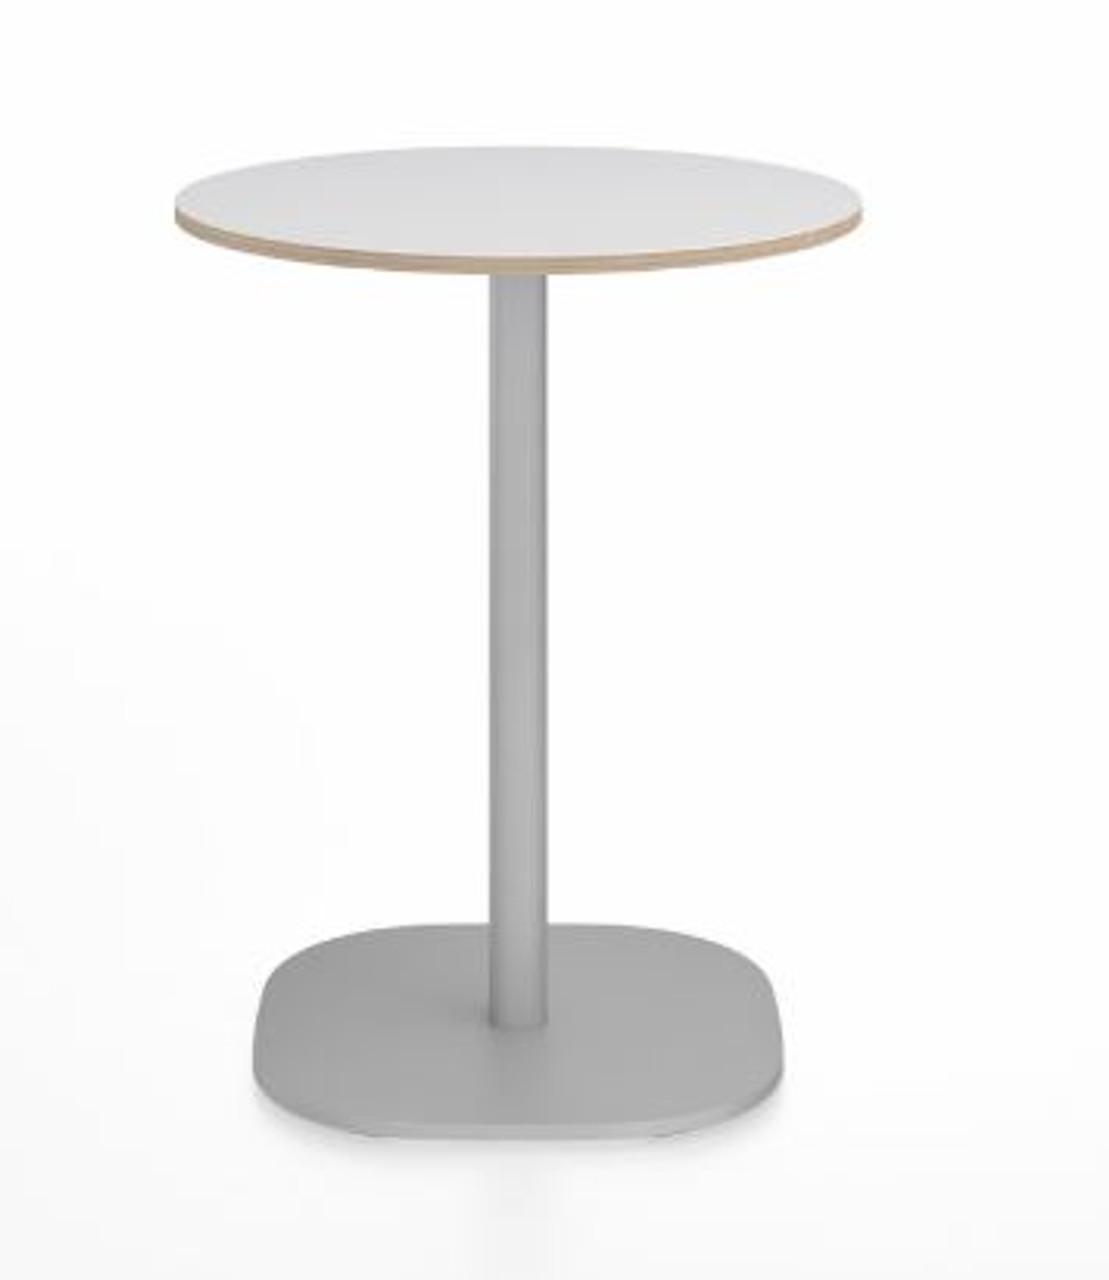 emeco 2 inch flat top round table 24 brushed aluminum base